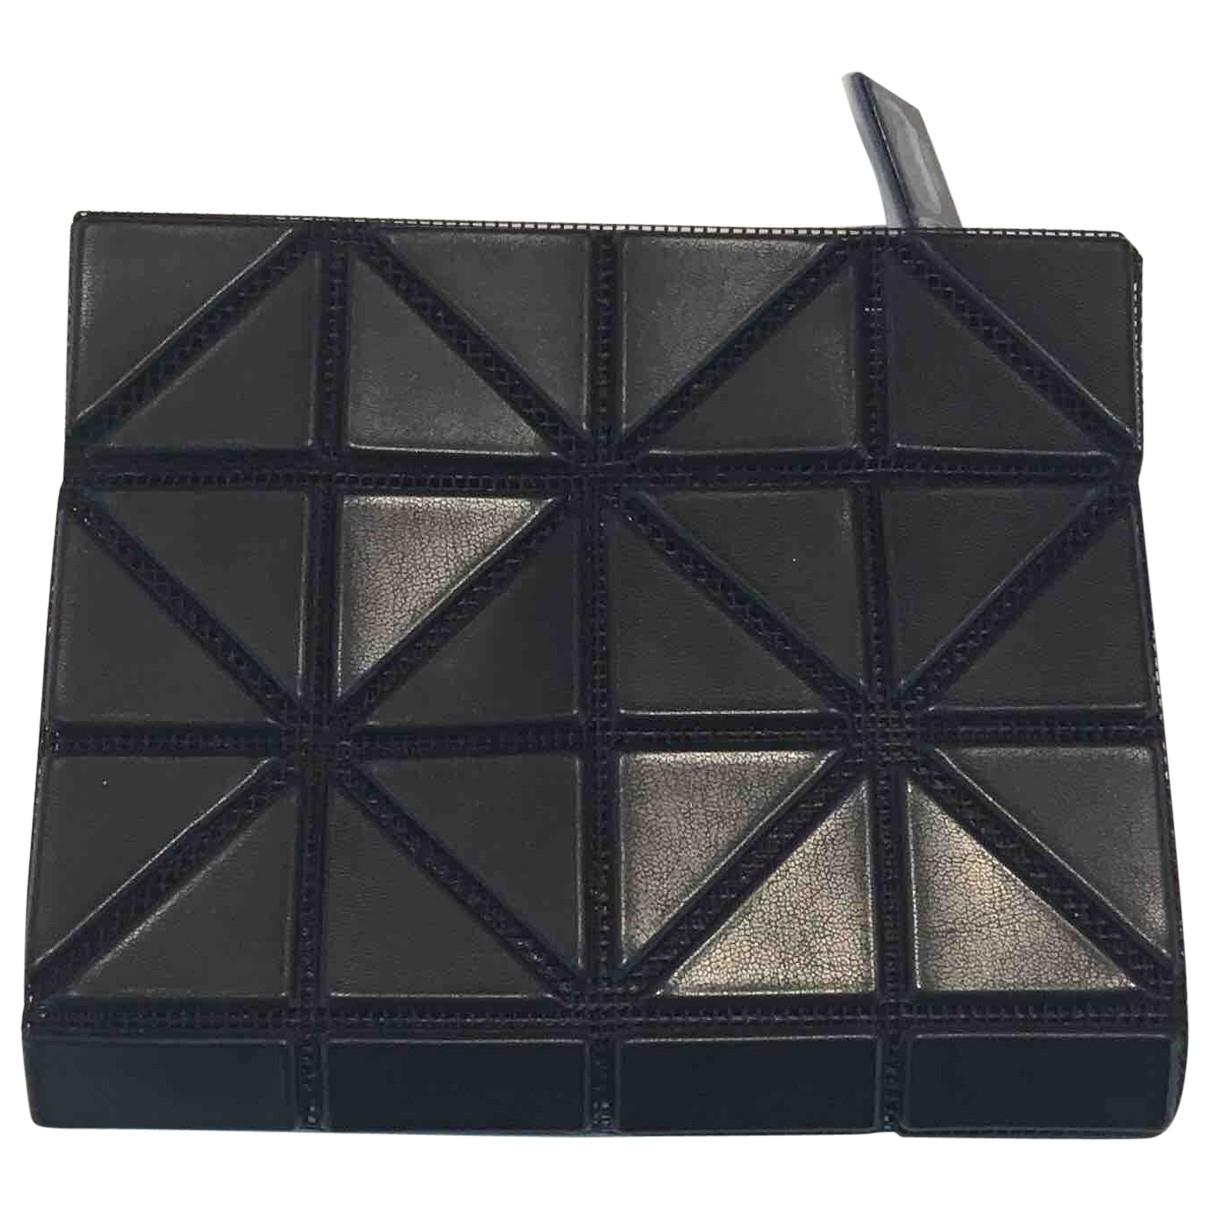 Issey Miyake \N Black wallet for Women \N